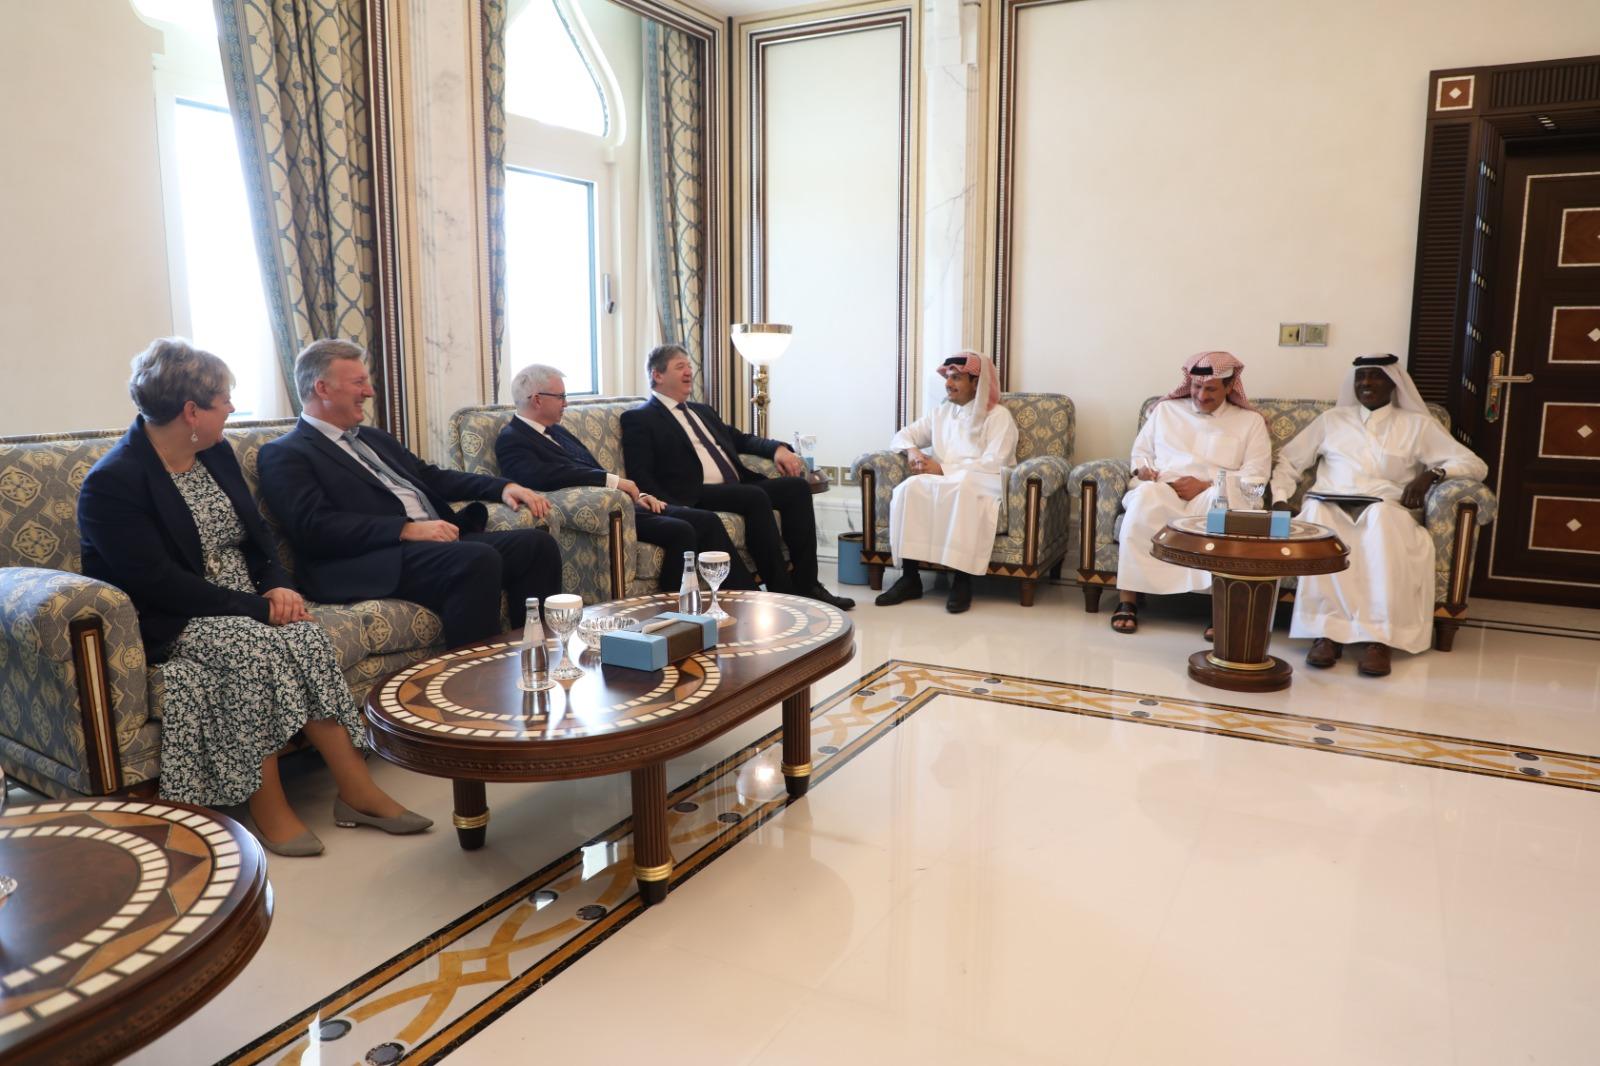 نائب رئيس مجلس الوزراء وزير الخارجية يجتمع مع وفدين من البرلمان البريطاني وكبار موظفي الكونغرس الأمريكي